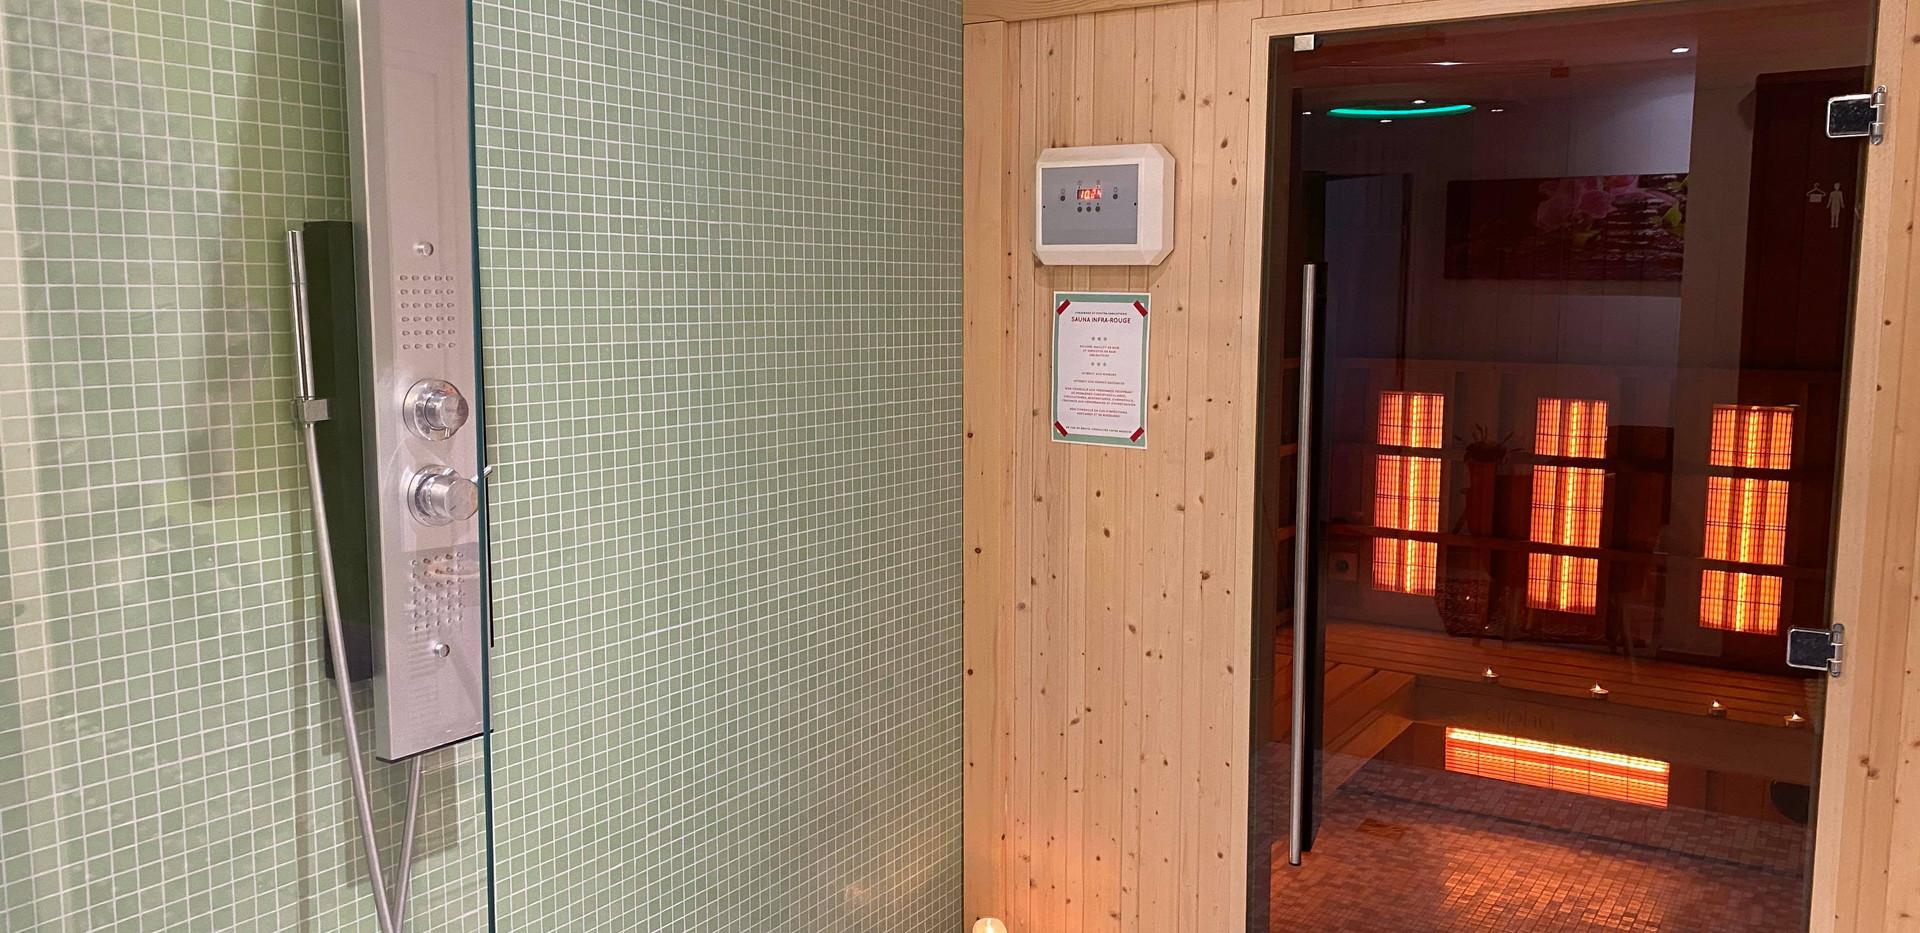 Sauna, La pause bien-être, centre Esprit Luzien